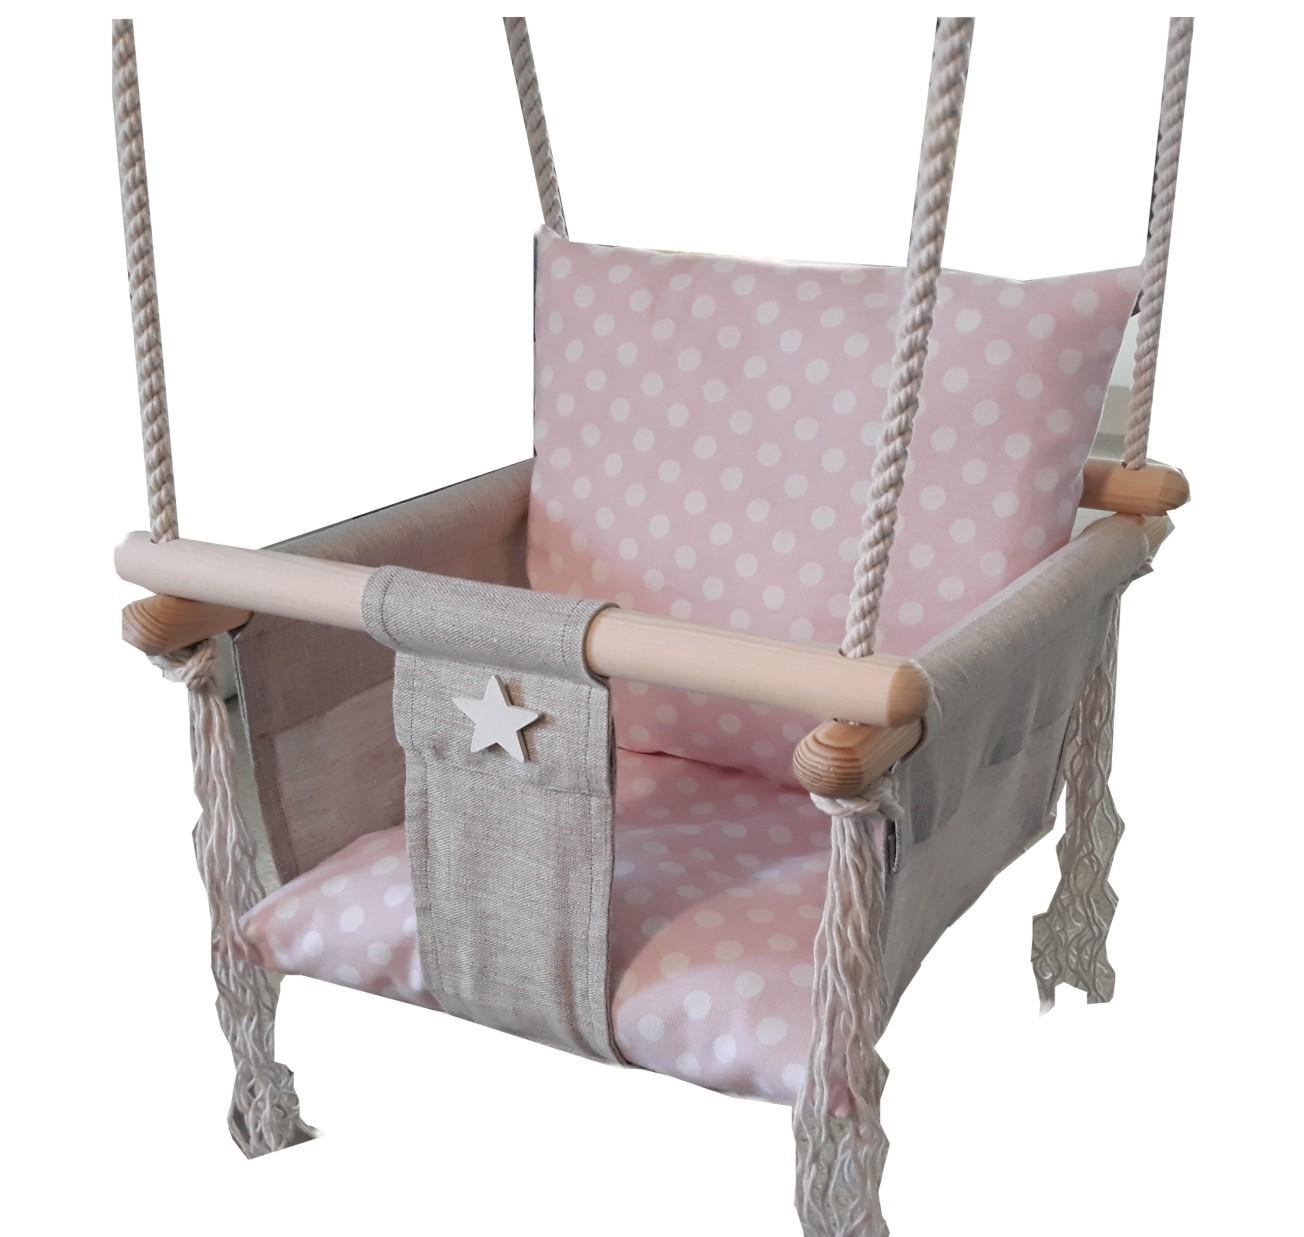 Barevná dřevěná houpačka Rita pro děti do bytu i na zahradu do 18kg puntíky v růžové